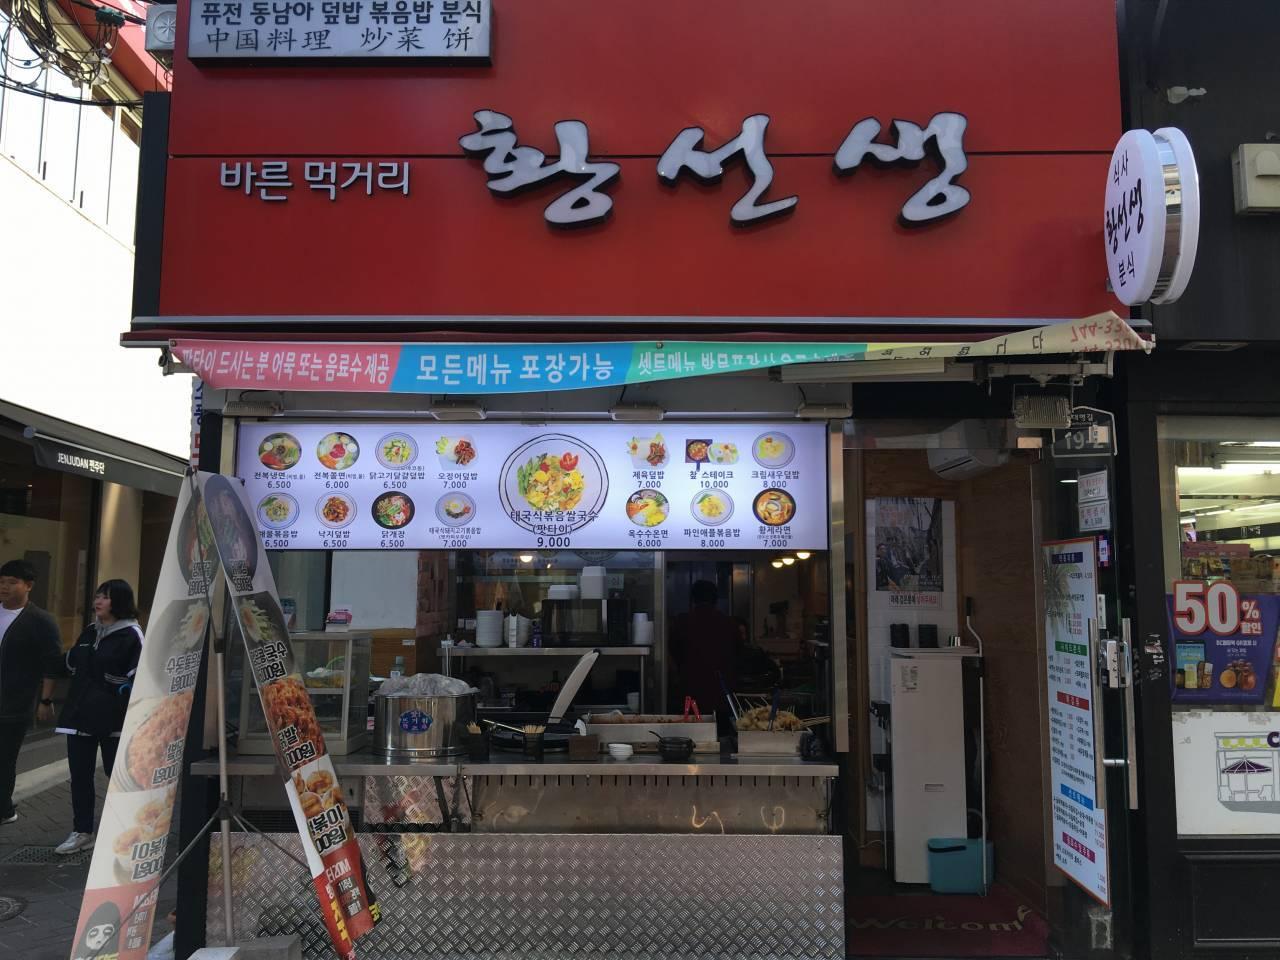 Hwang Seonsaeng(황선생)